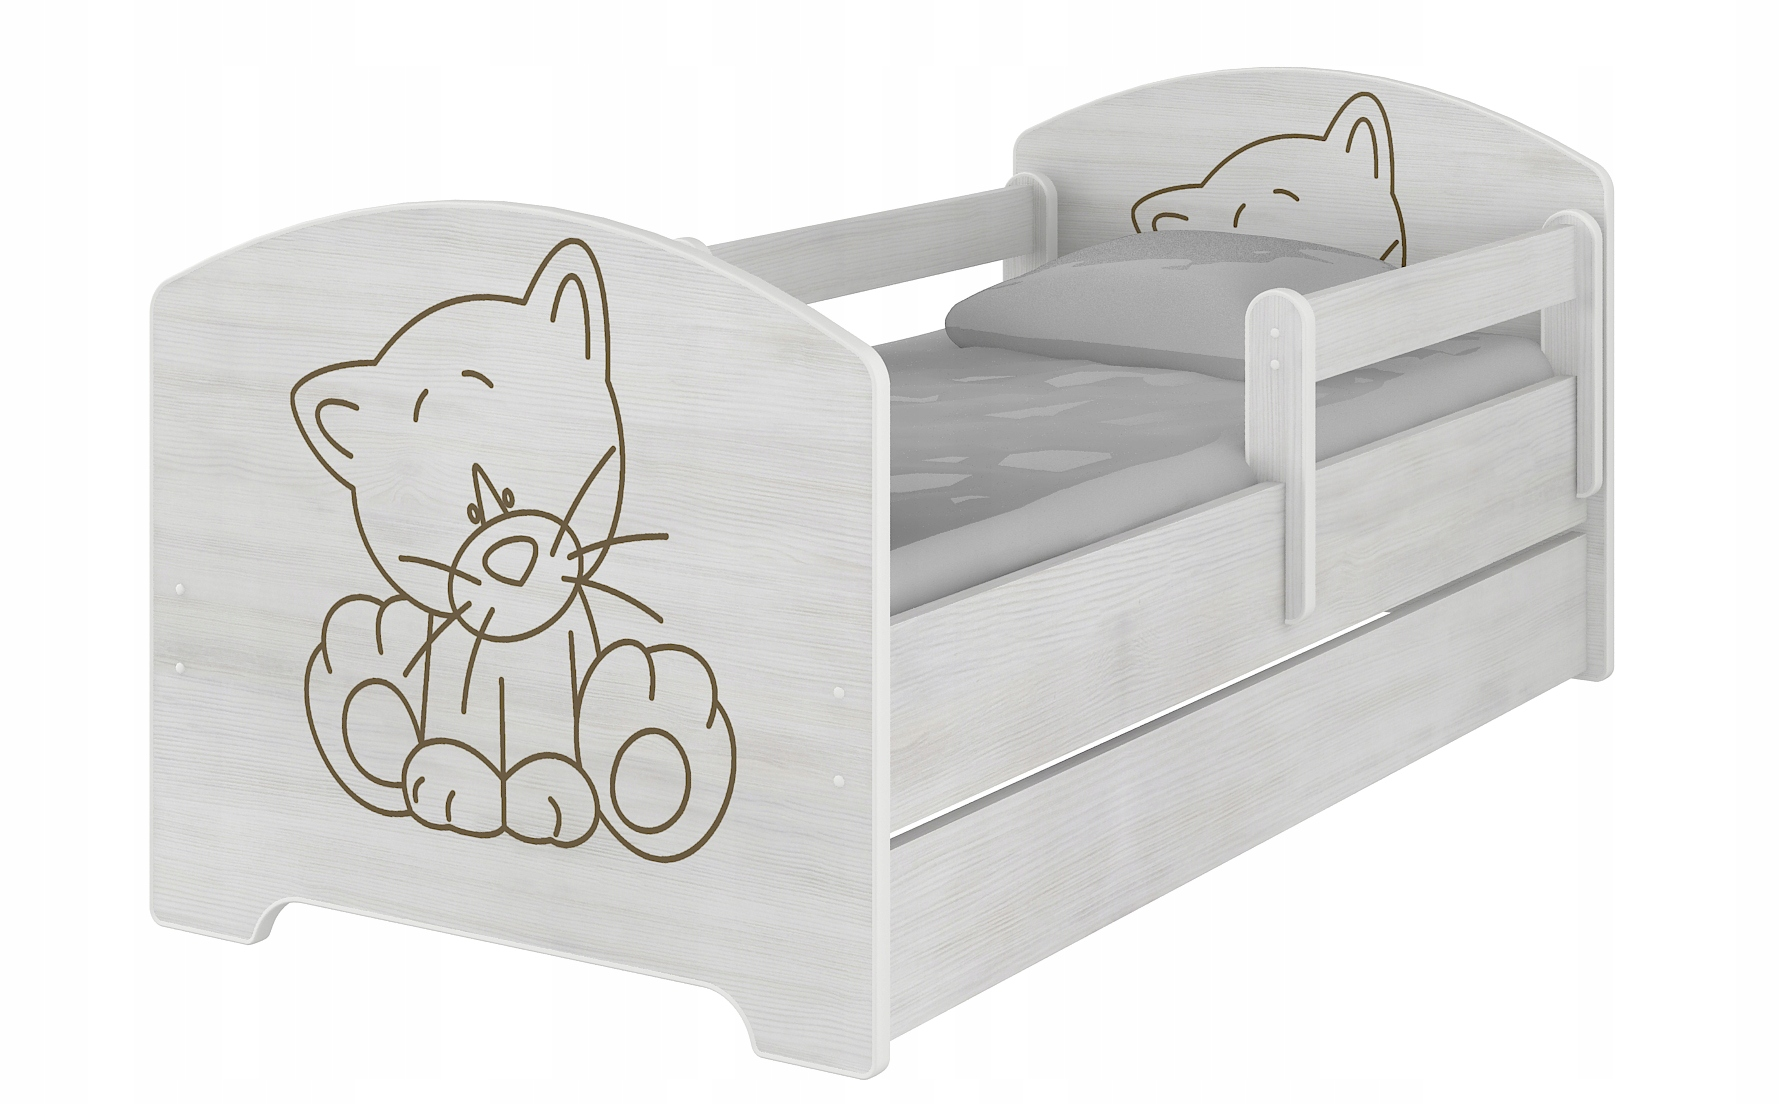 Łóżko łóżka OSKAR BABY BOO 160X80 MATERAC+SZUFLADA